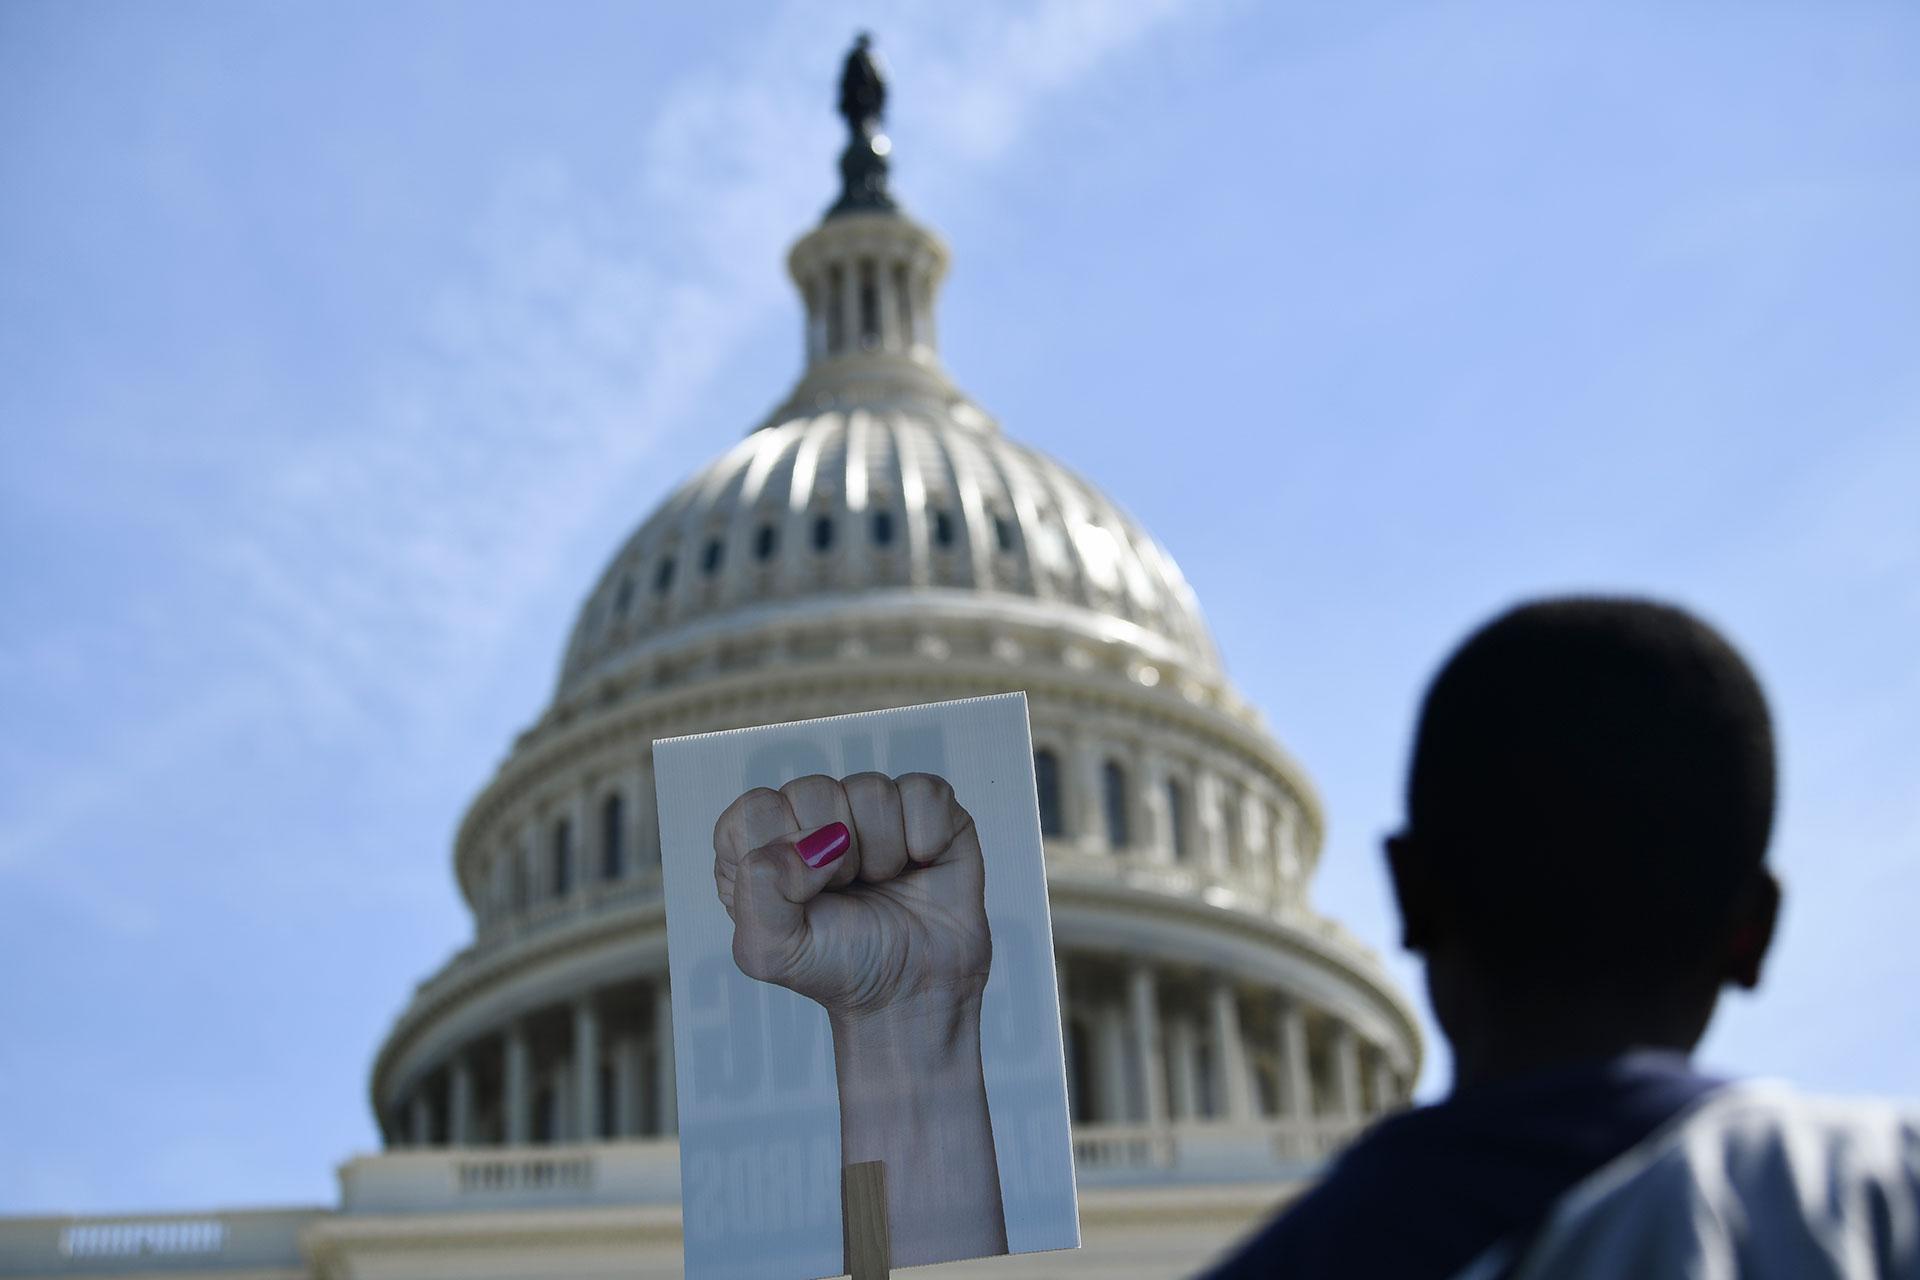 EEUU está repleto demanifestantes contra el cambio climático (AFP)